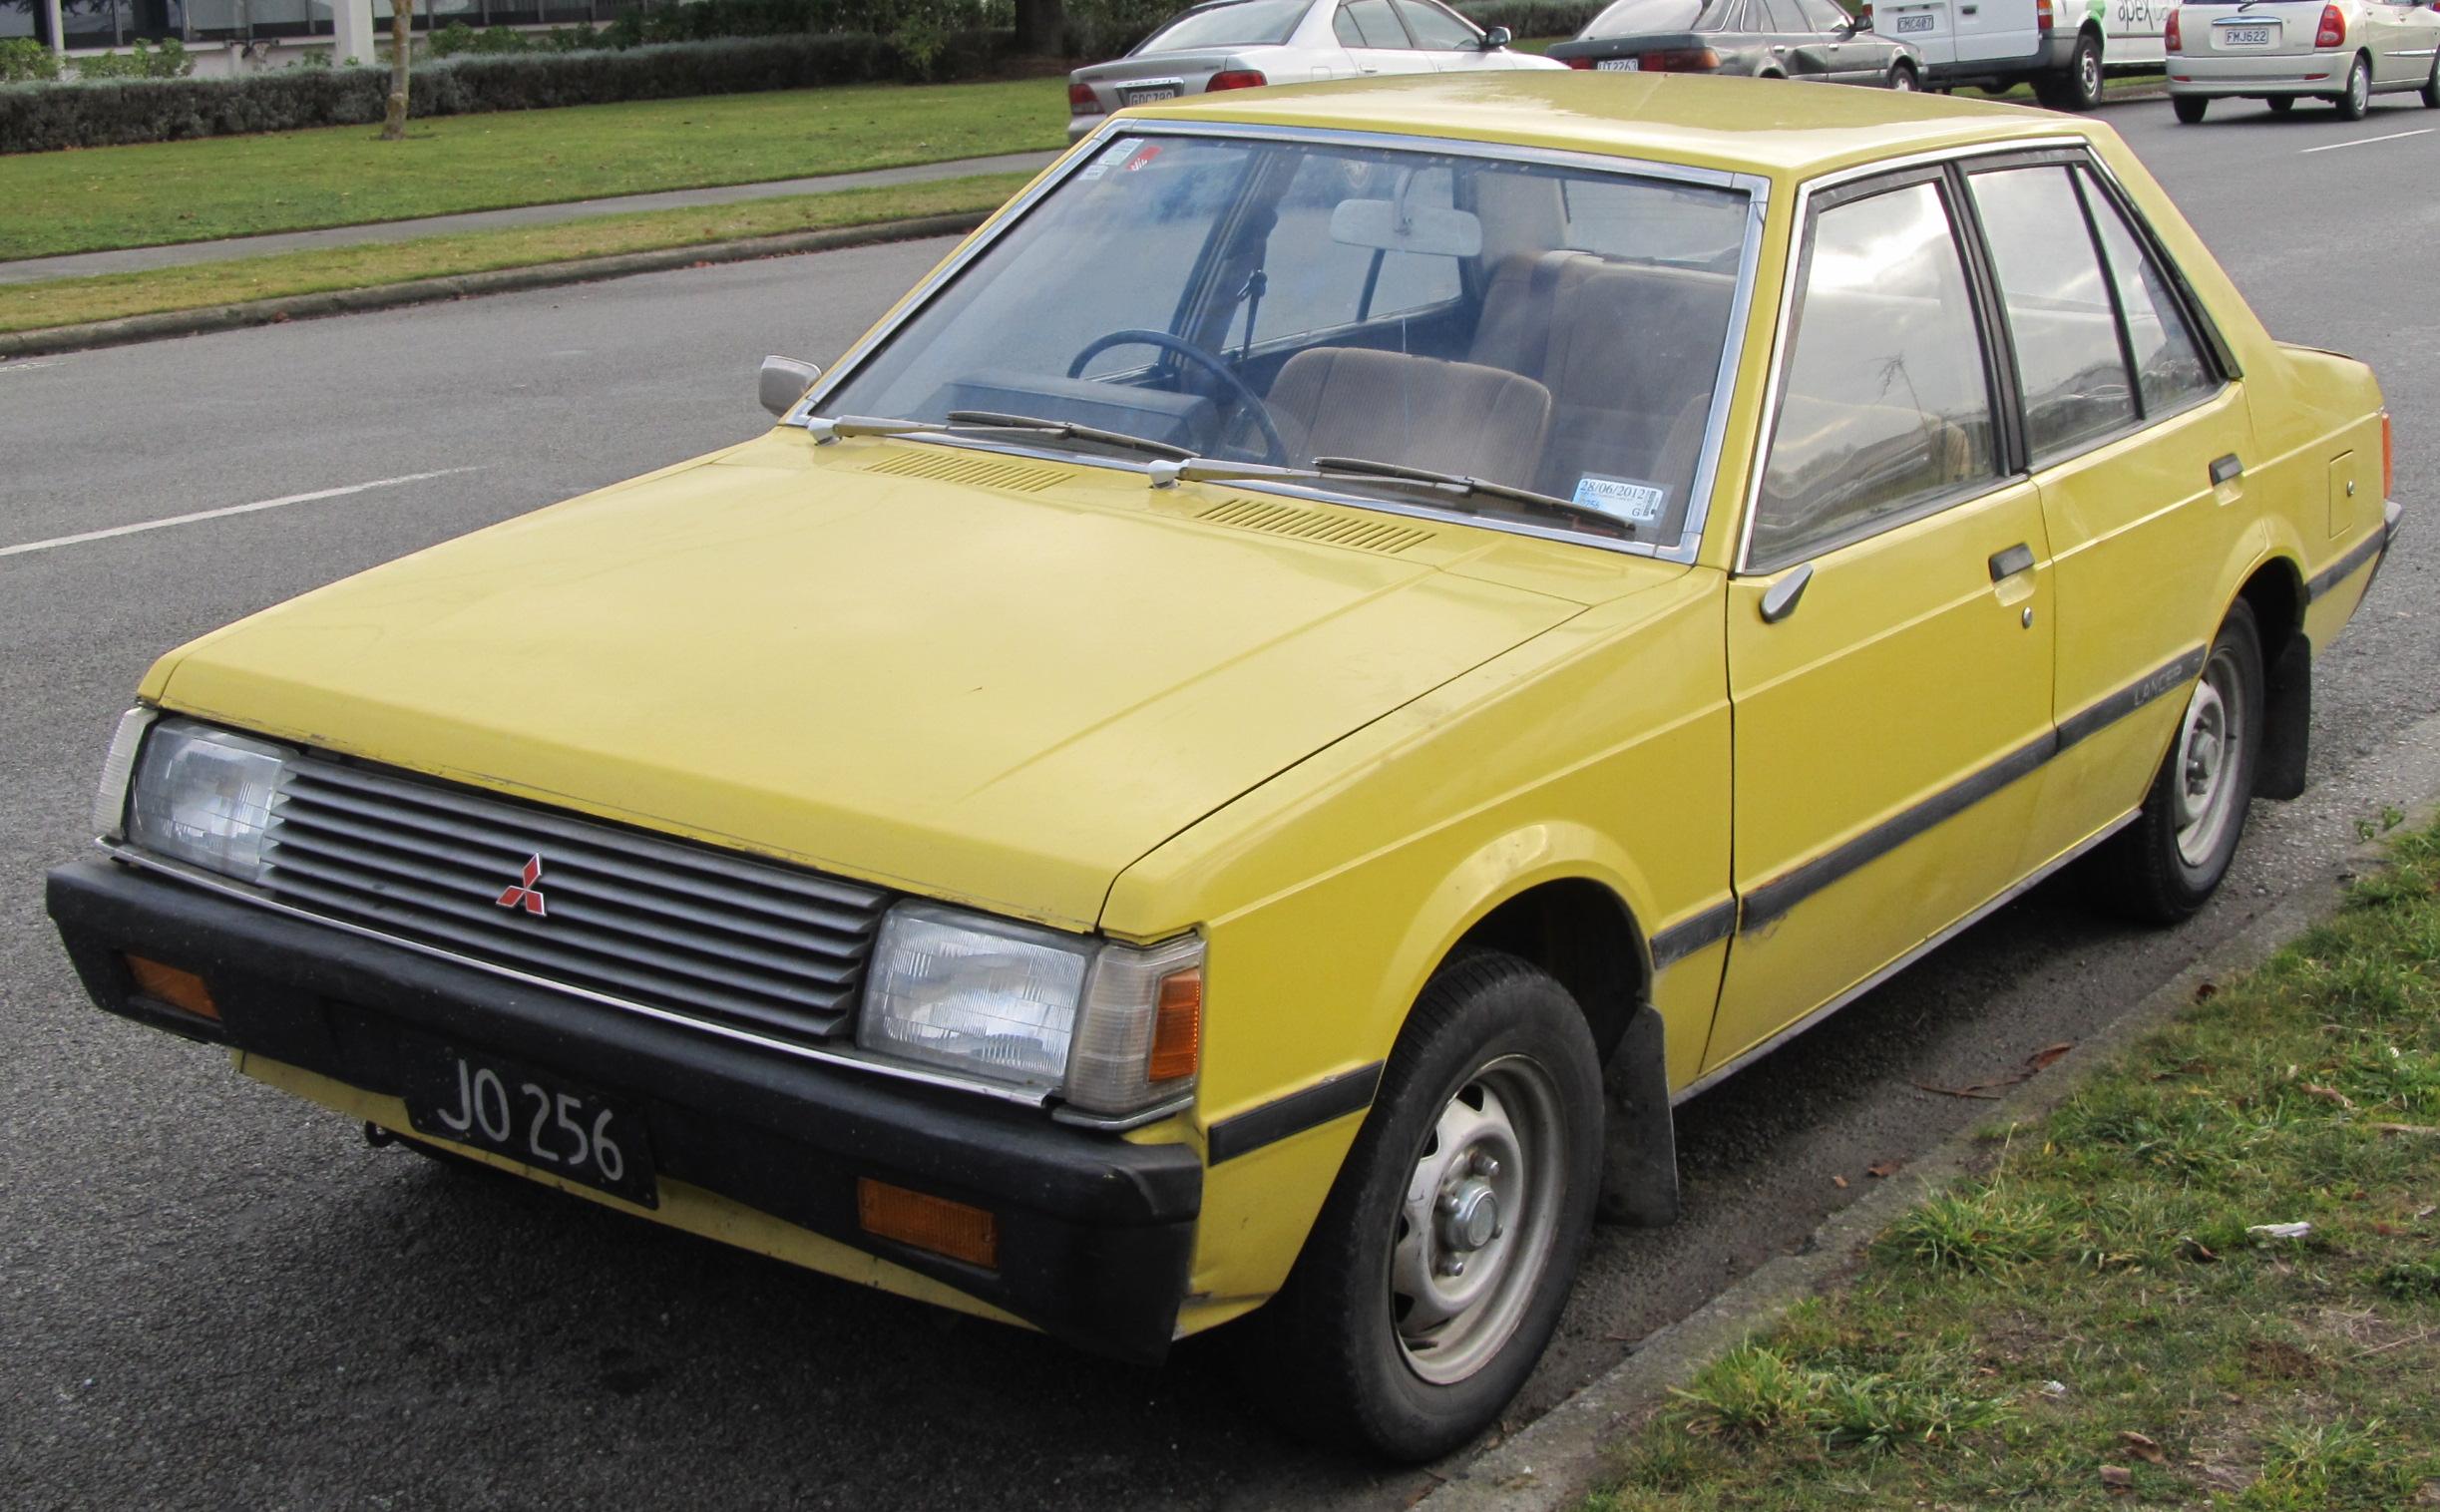 1980_Mitsubishi_Lancer_1.2_Saloon_(7786492708).jpg